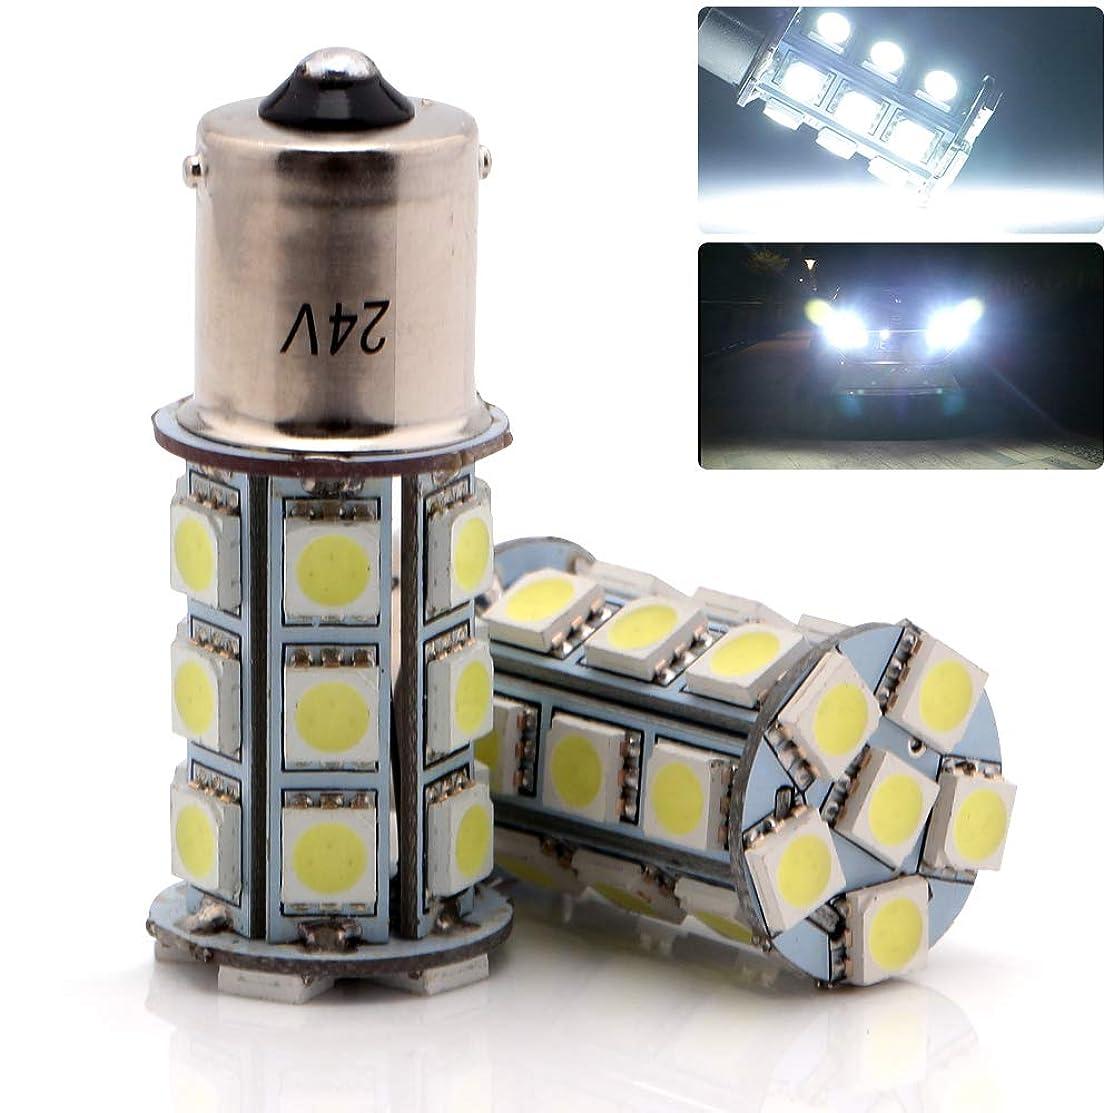 帽子汚染する軸CV1W CV2W CV5W デリカ D5 LED コーナリングランプ コーナーリング球 CREE 80W H8 2個セット LM-024